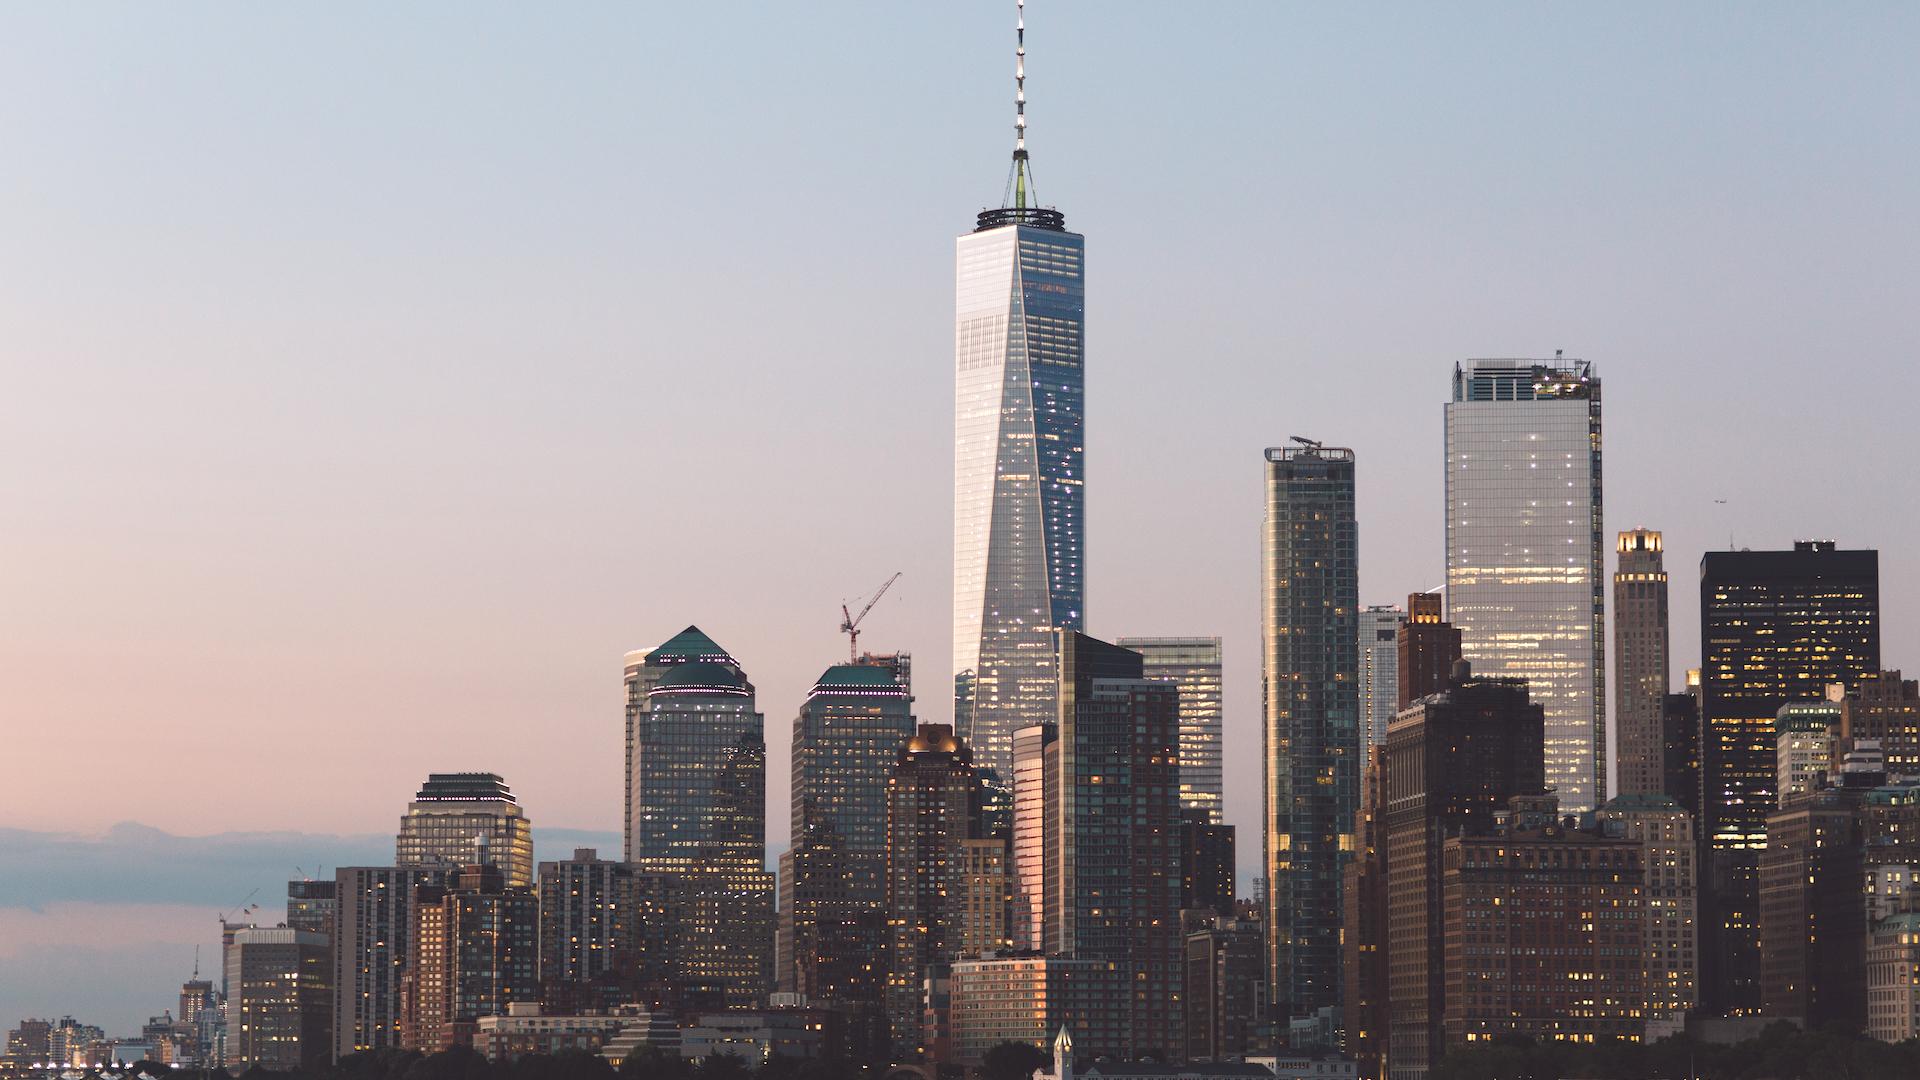 Un extranjero puede vacunarse en Nueva York contra el COVID-19